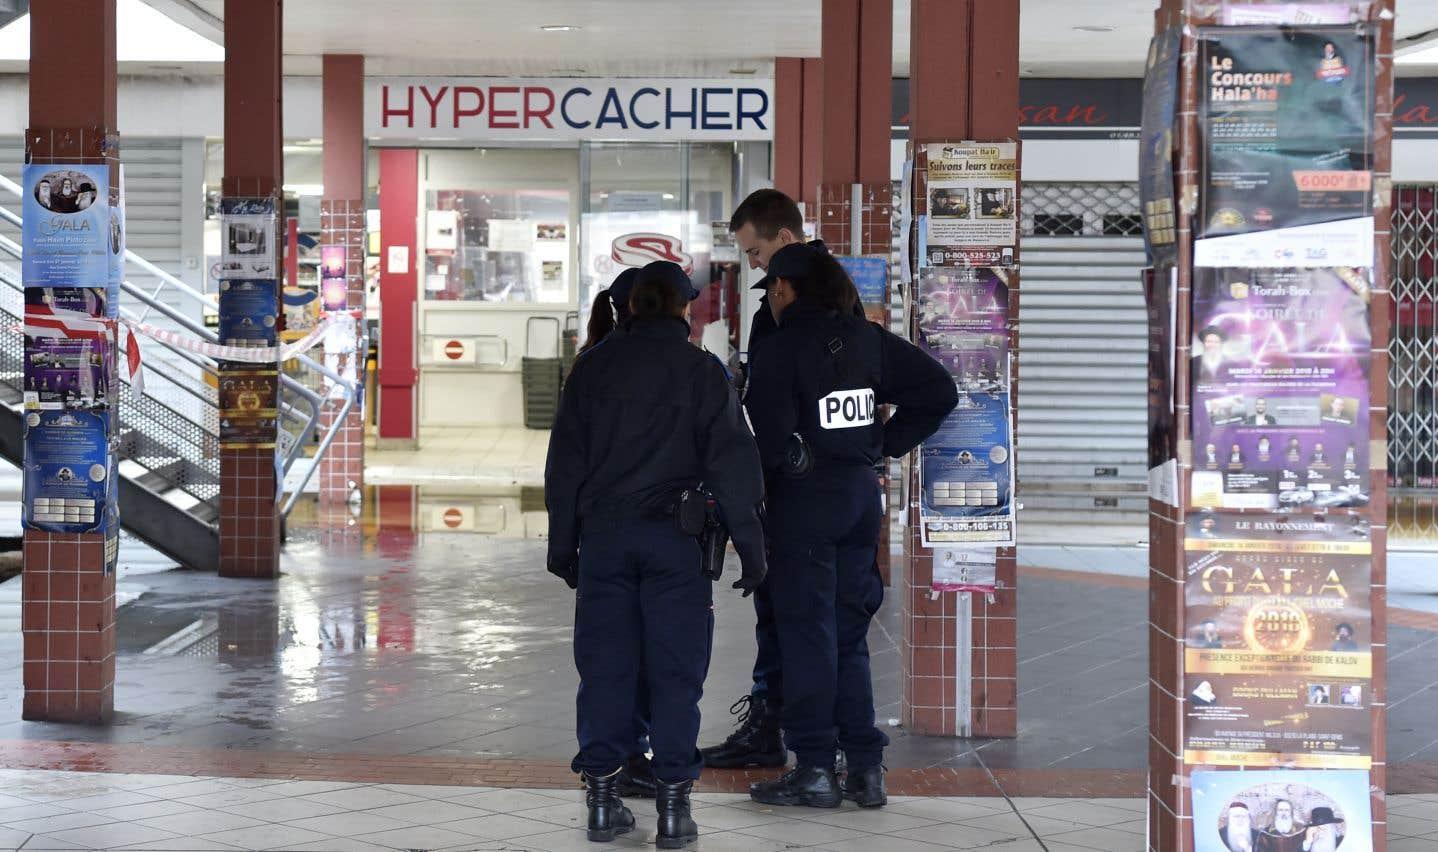 Des policiers français se tiennent devant une épicerie casher française mardi à Creteil, au sud de Paris. L'établissement a été détruit par un incendie criminel qui a ravivé les craintes d'antisémitisme.